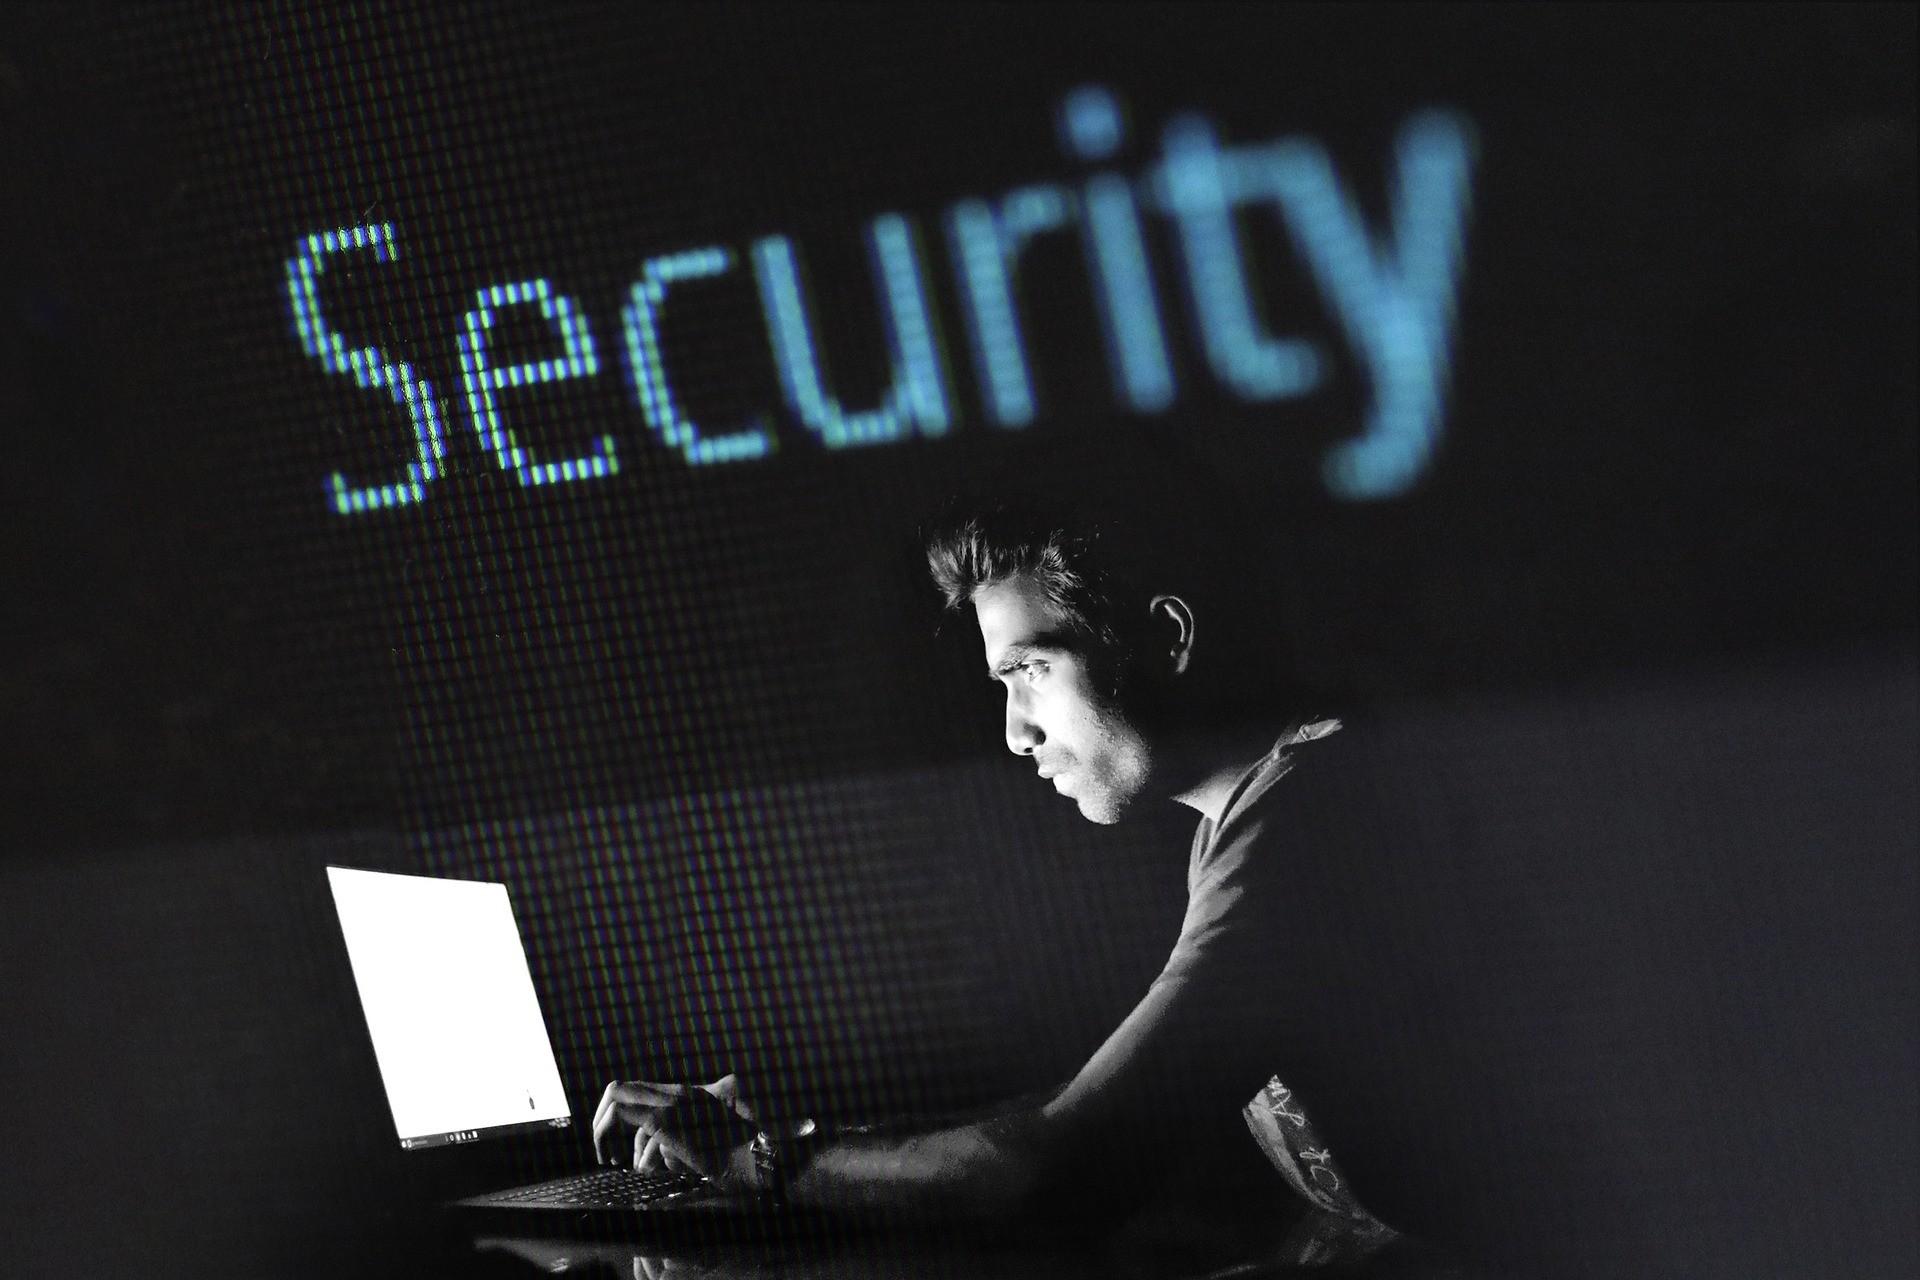 Seguridad informática básica: cómo protegerte de virus y amenazas